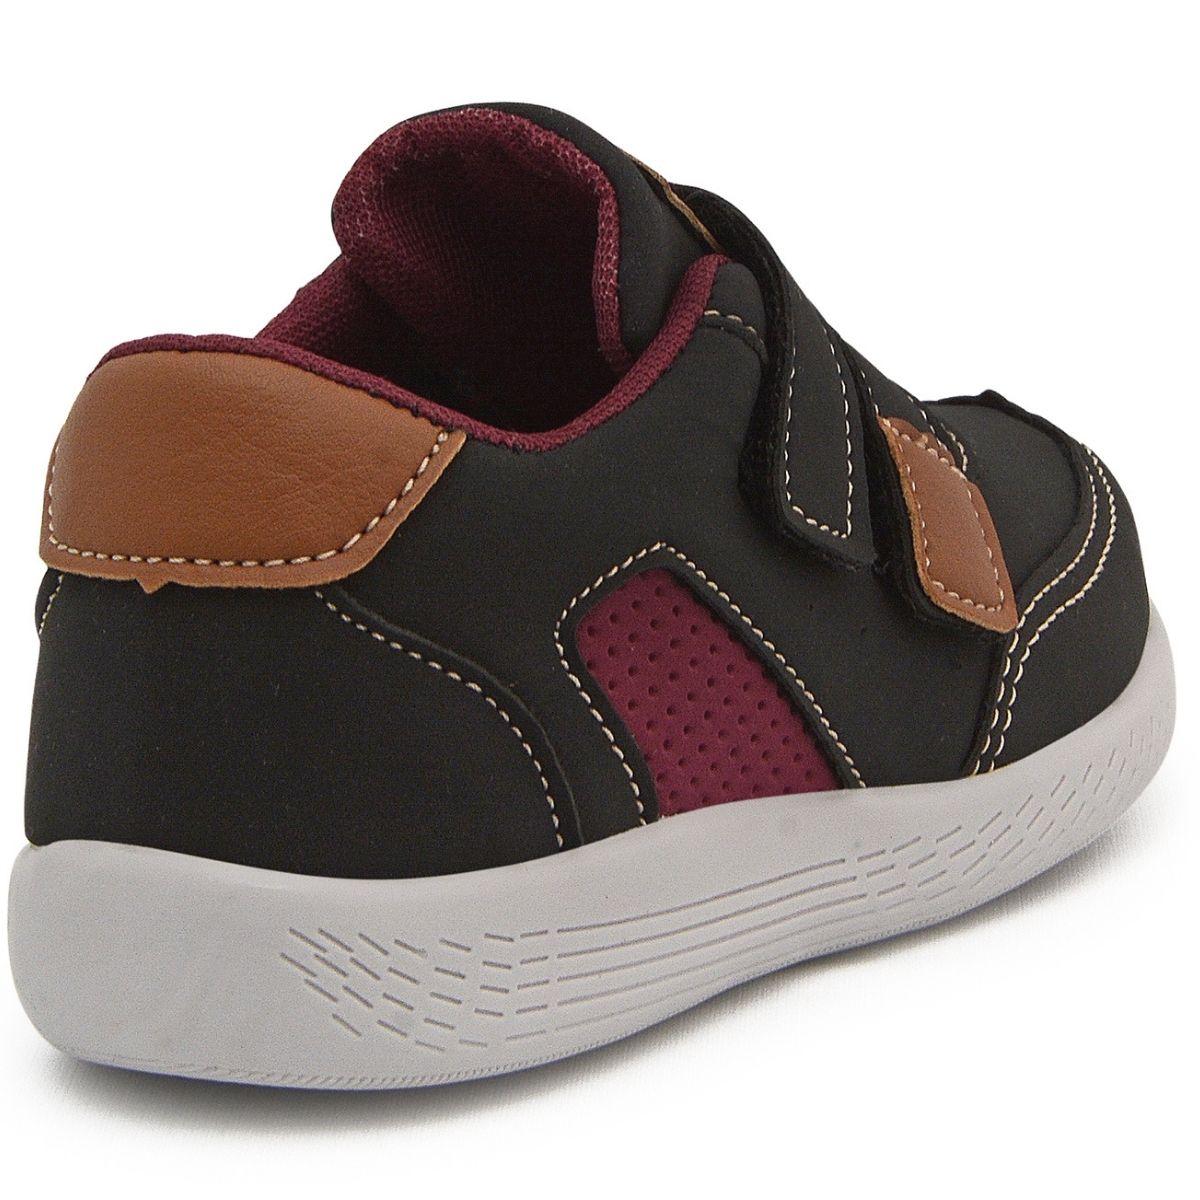 Tênis Sapatênis Infantil Bebê Velcro Calce Fácil Pockey Kids